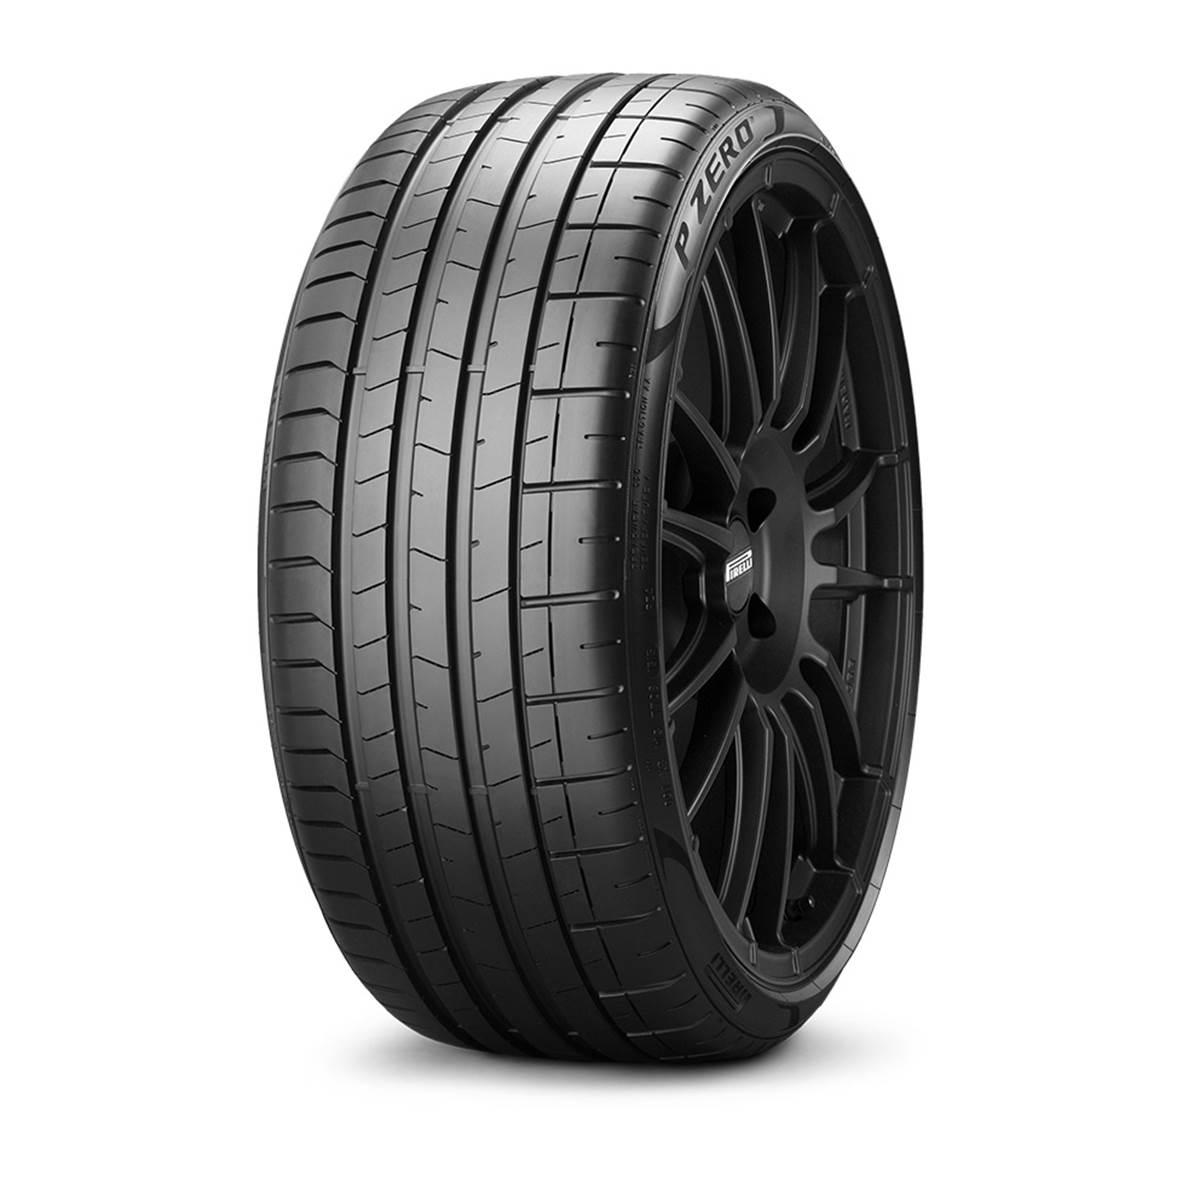 Pneu Pirelli 245/40R18 97Y Pzero XL